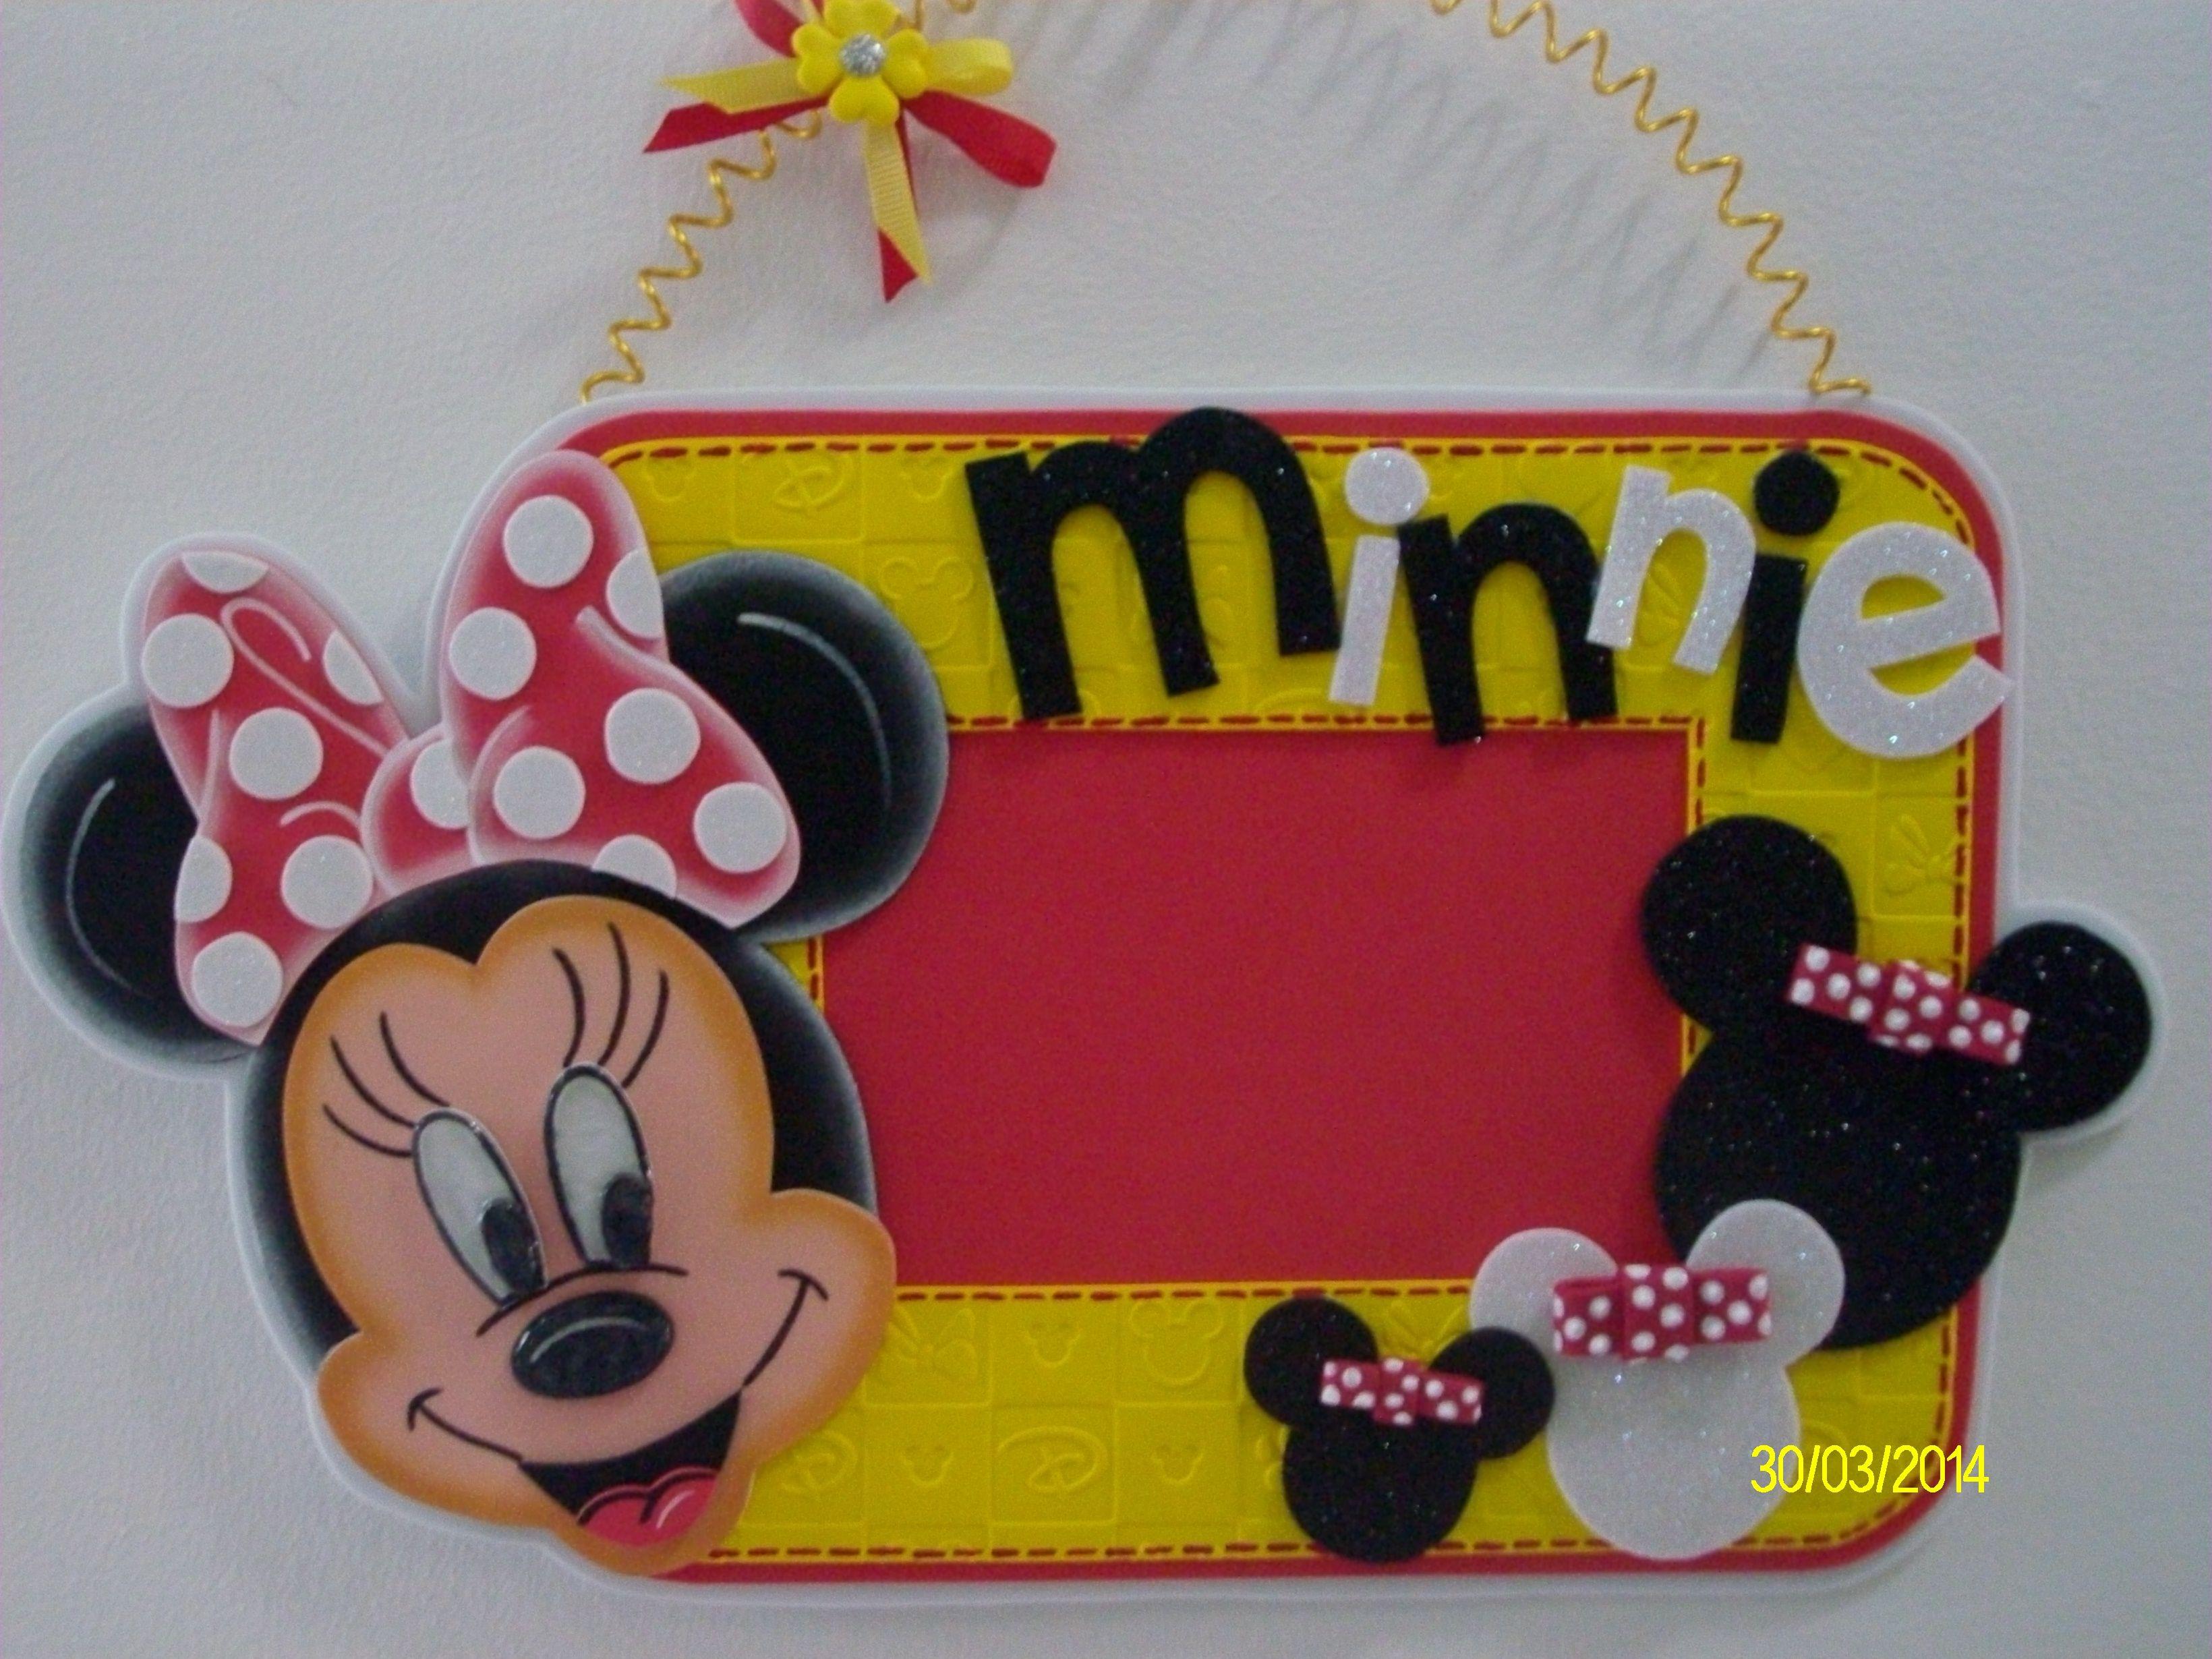 Portaretratos Colgante Minnie Mouse Goma Eva Pinterest